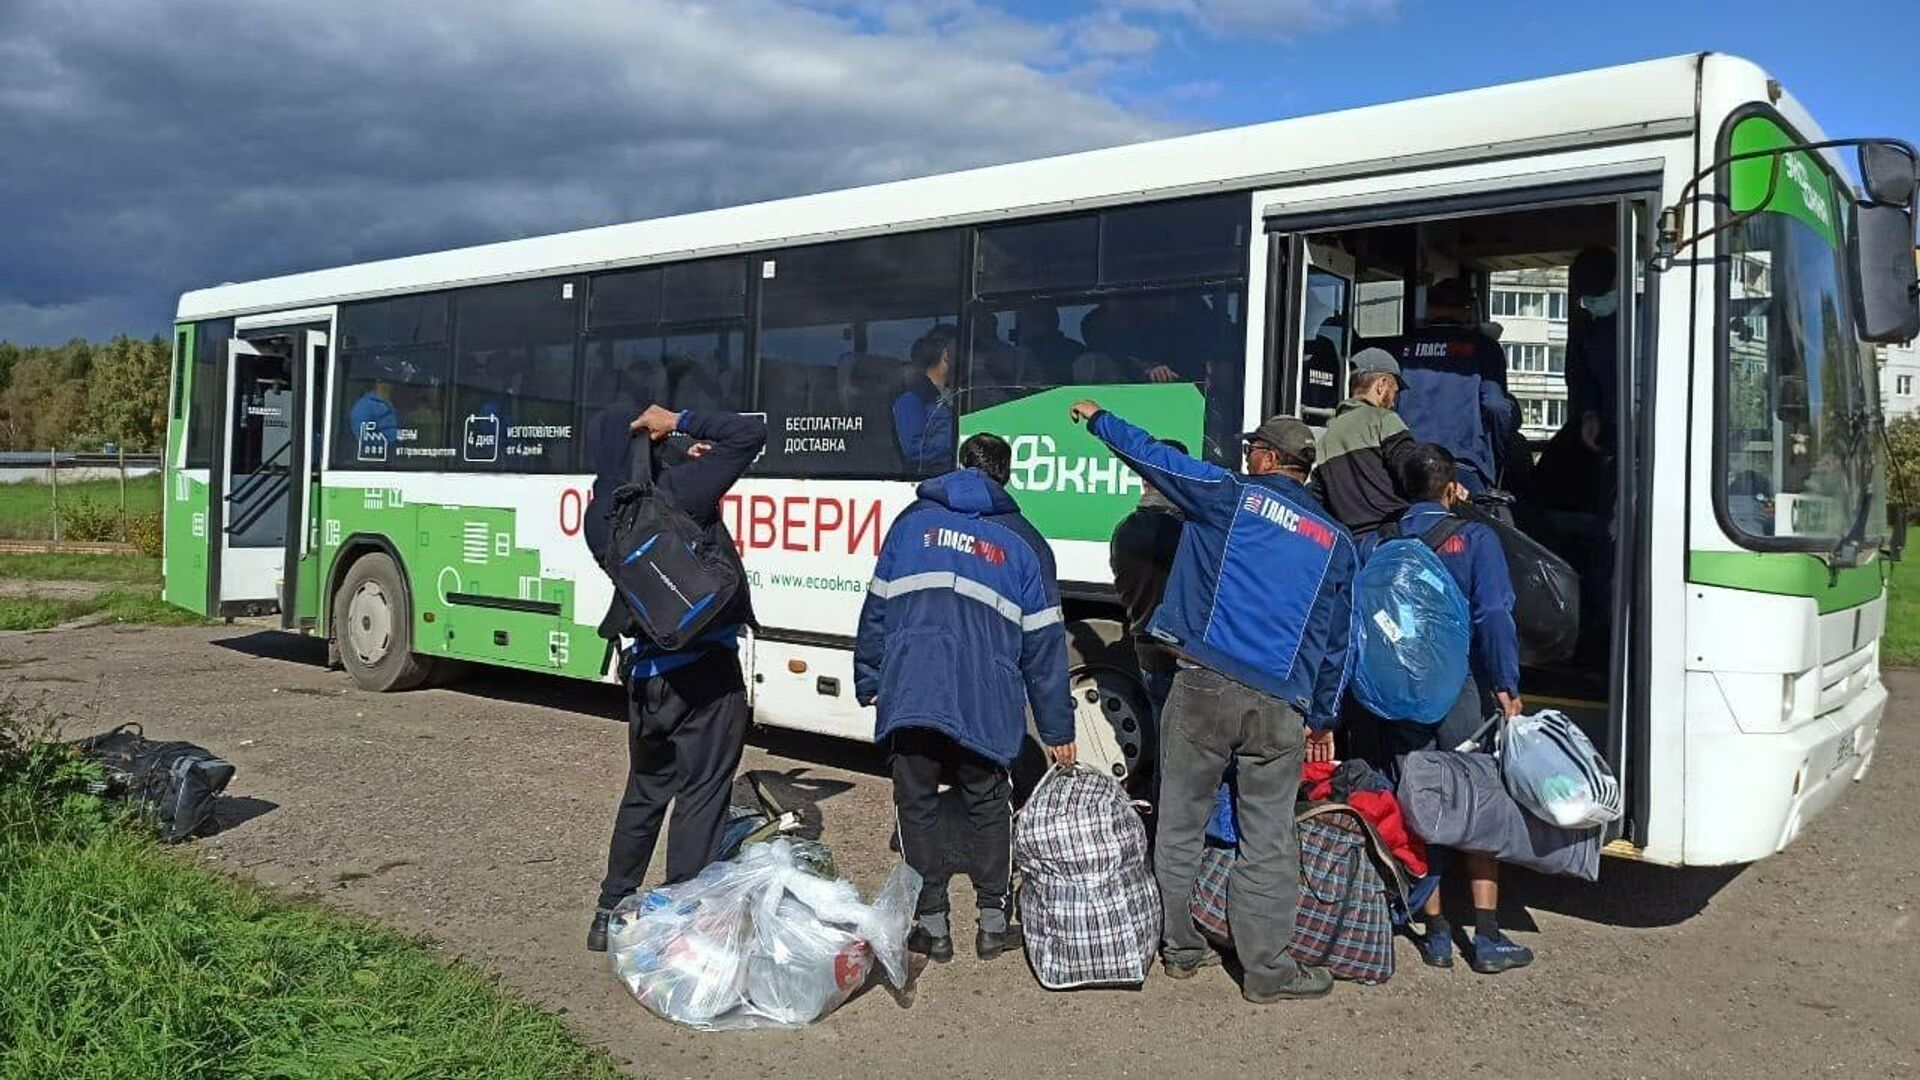 Глава Сергиево-Посадского округа ответил на просьбу выселить мигрантов